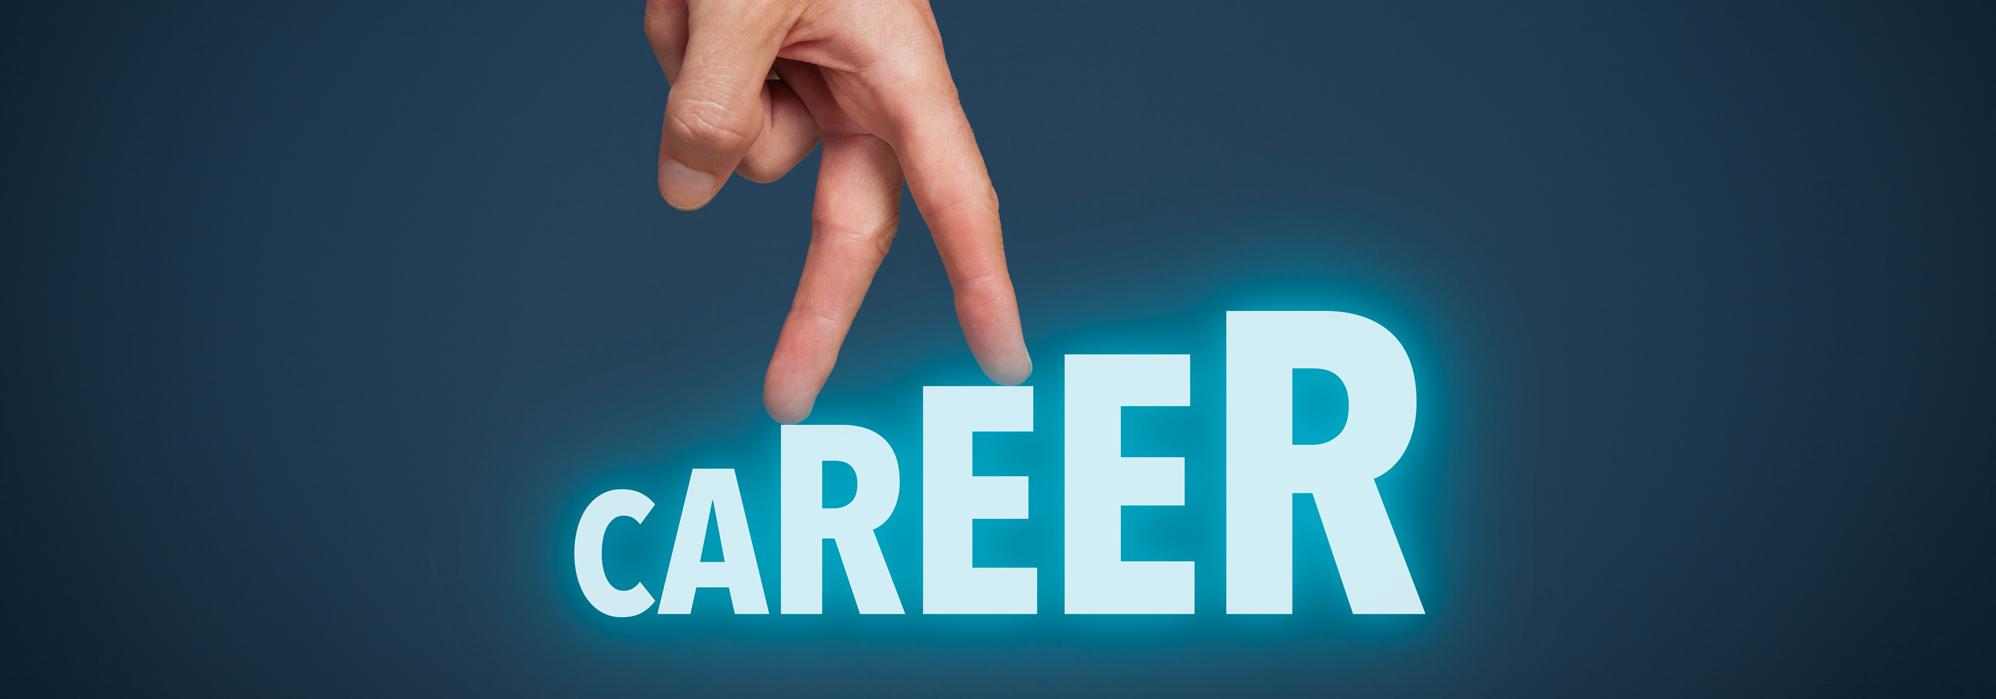 diventare il numero uno e fare carriera con DLG Academy